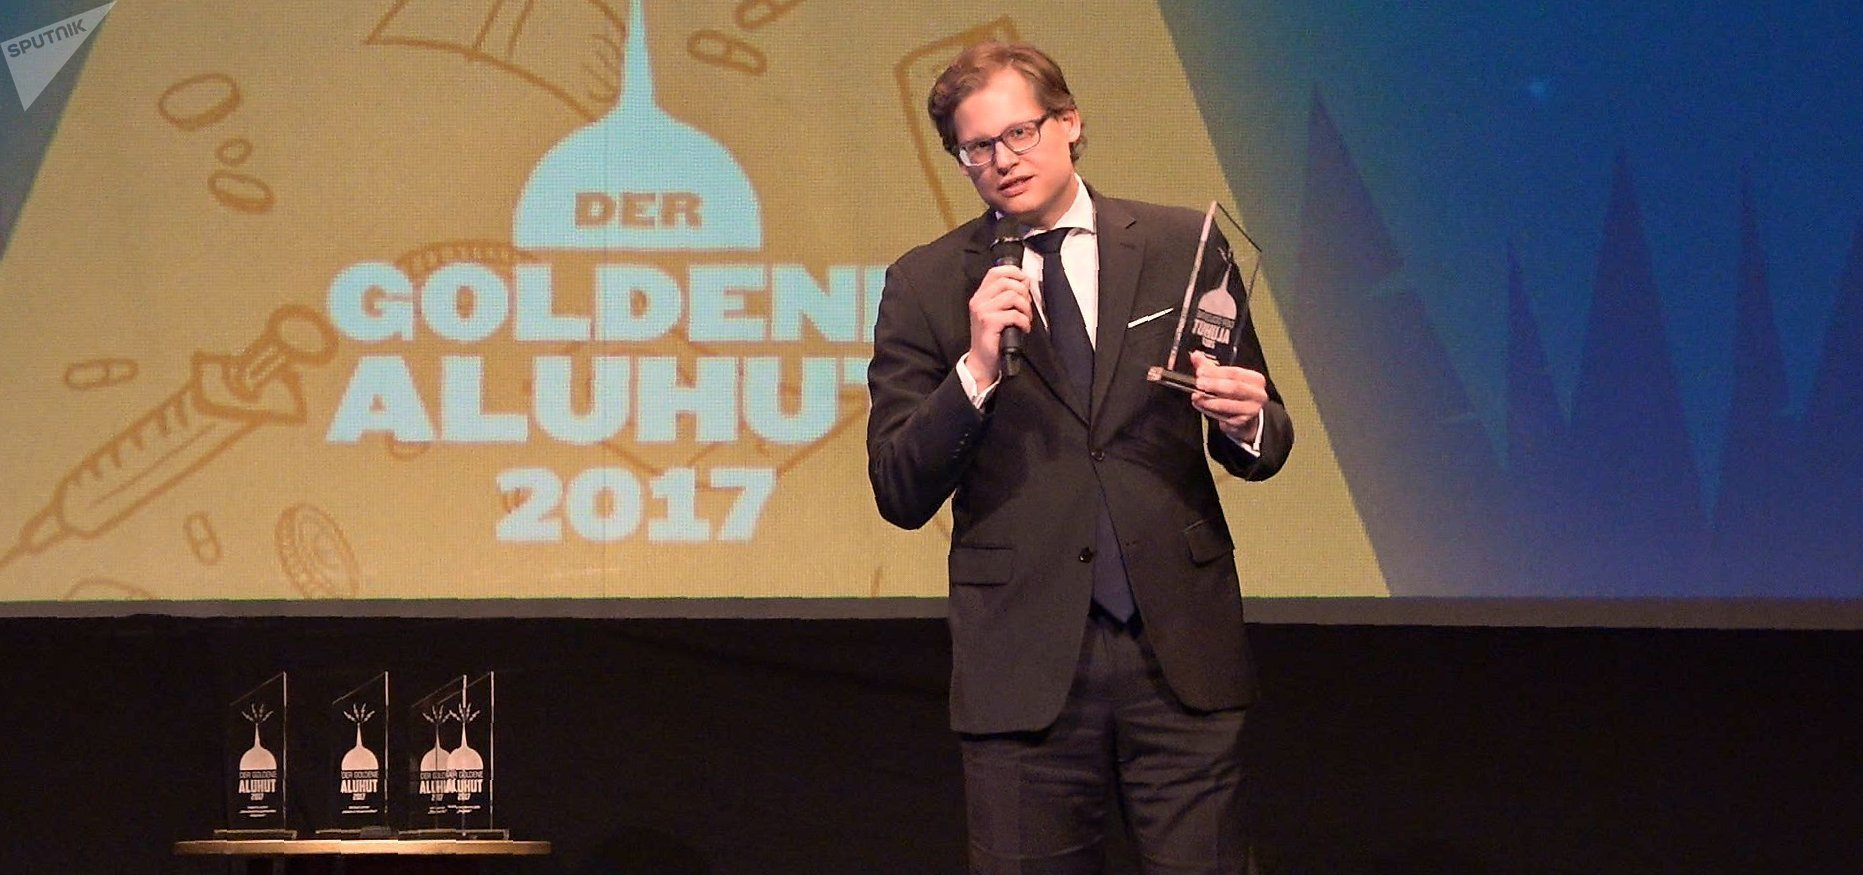 El periodista alemán Martin Lejeune durante la entrega de premios al gorro de papel de aluminio dorado de 2017